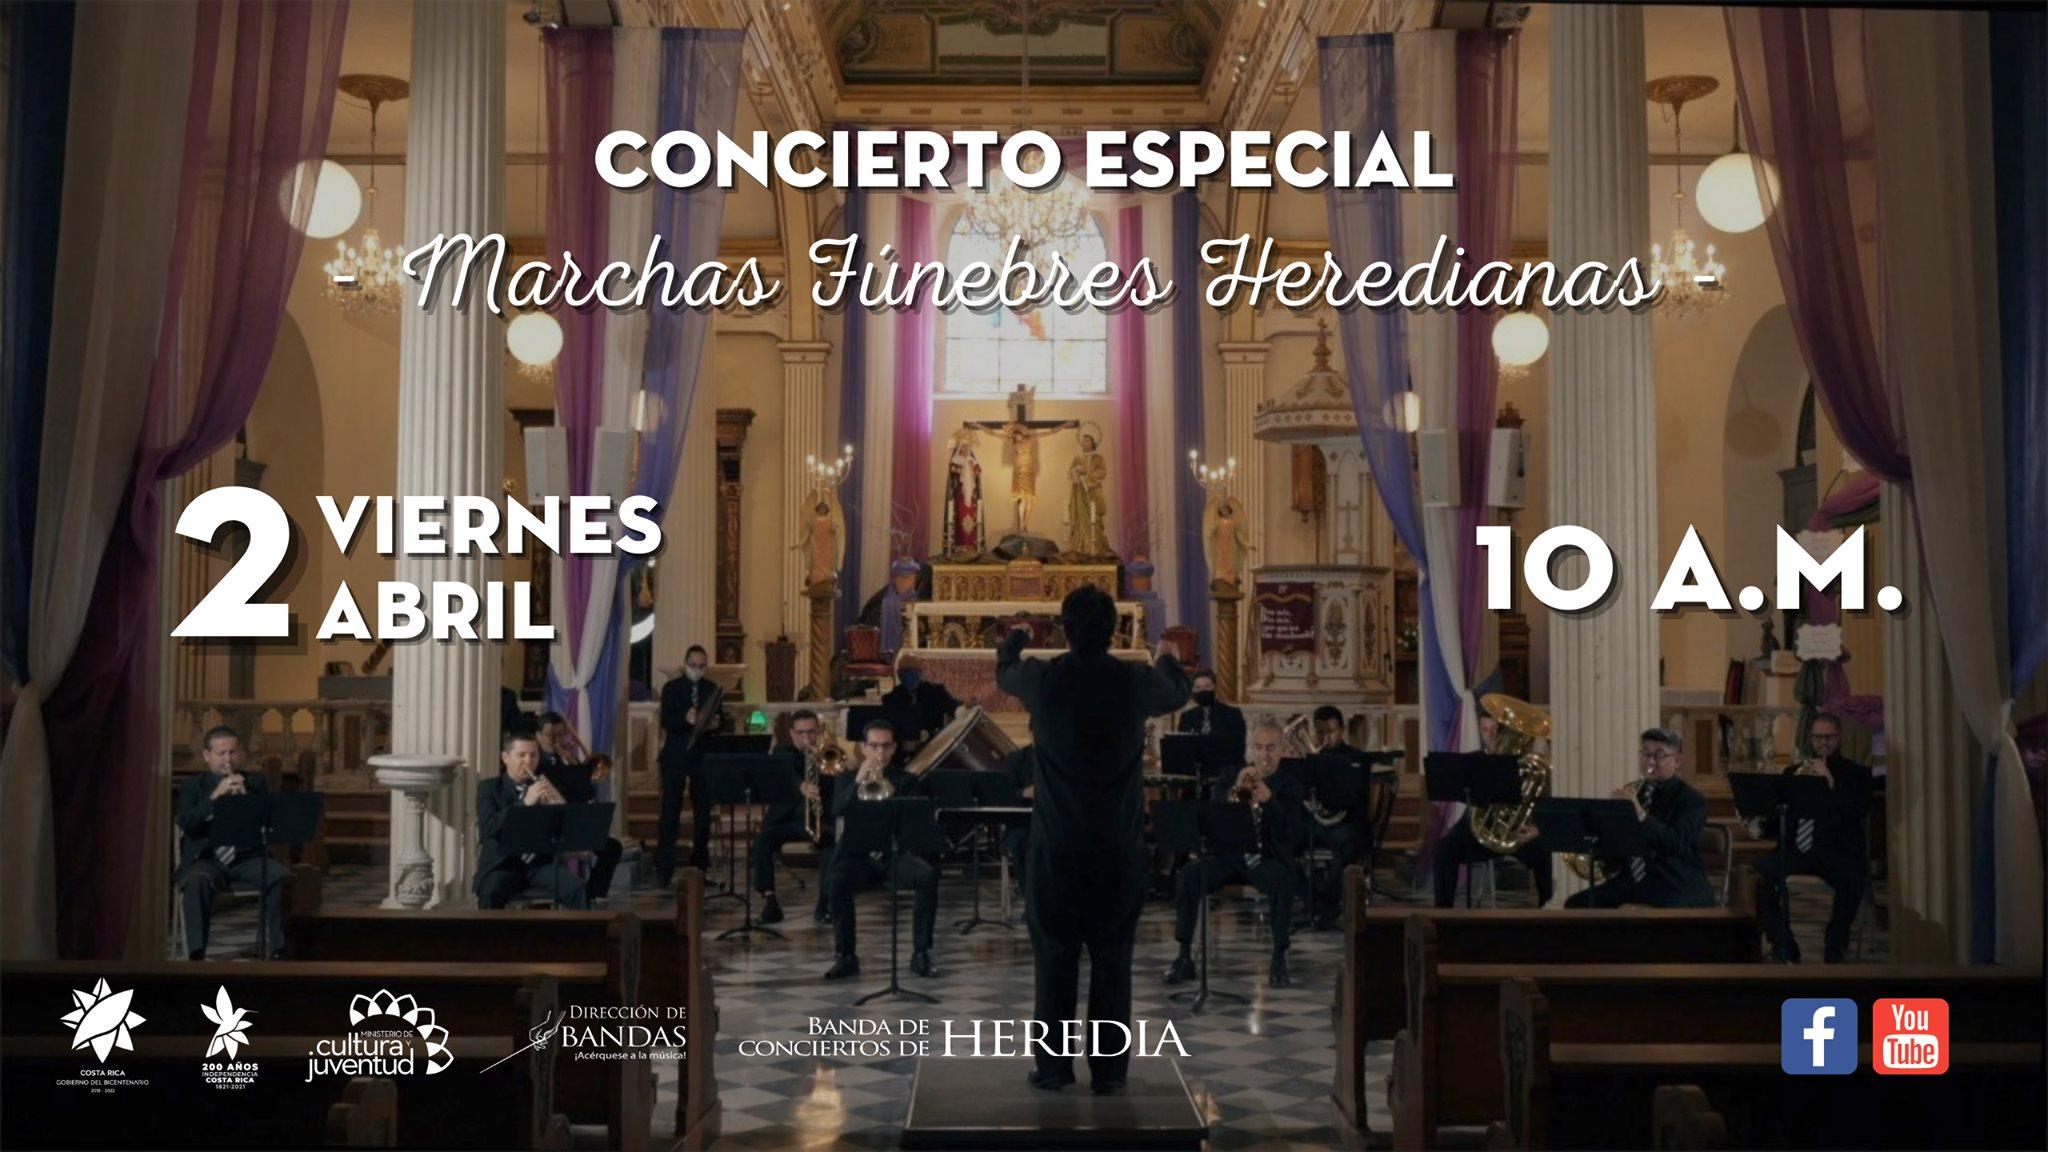 Concierto de Marchas Fúnebres Heredianas.